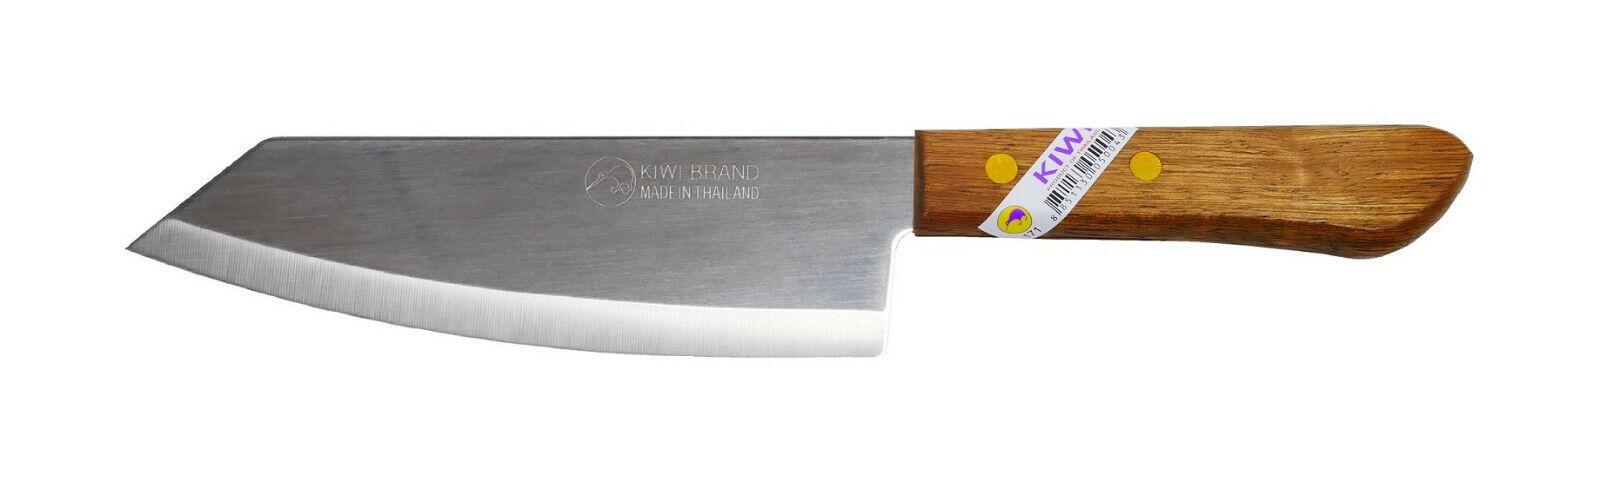 Kiwi thai Küchenmesser Kochmesser # 171 asiatisches Santoku Allzweck Messer